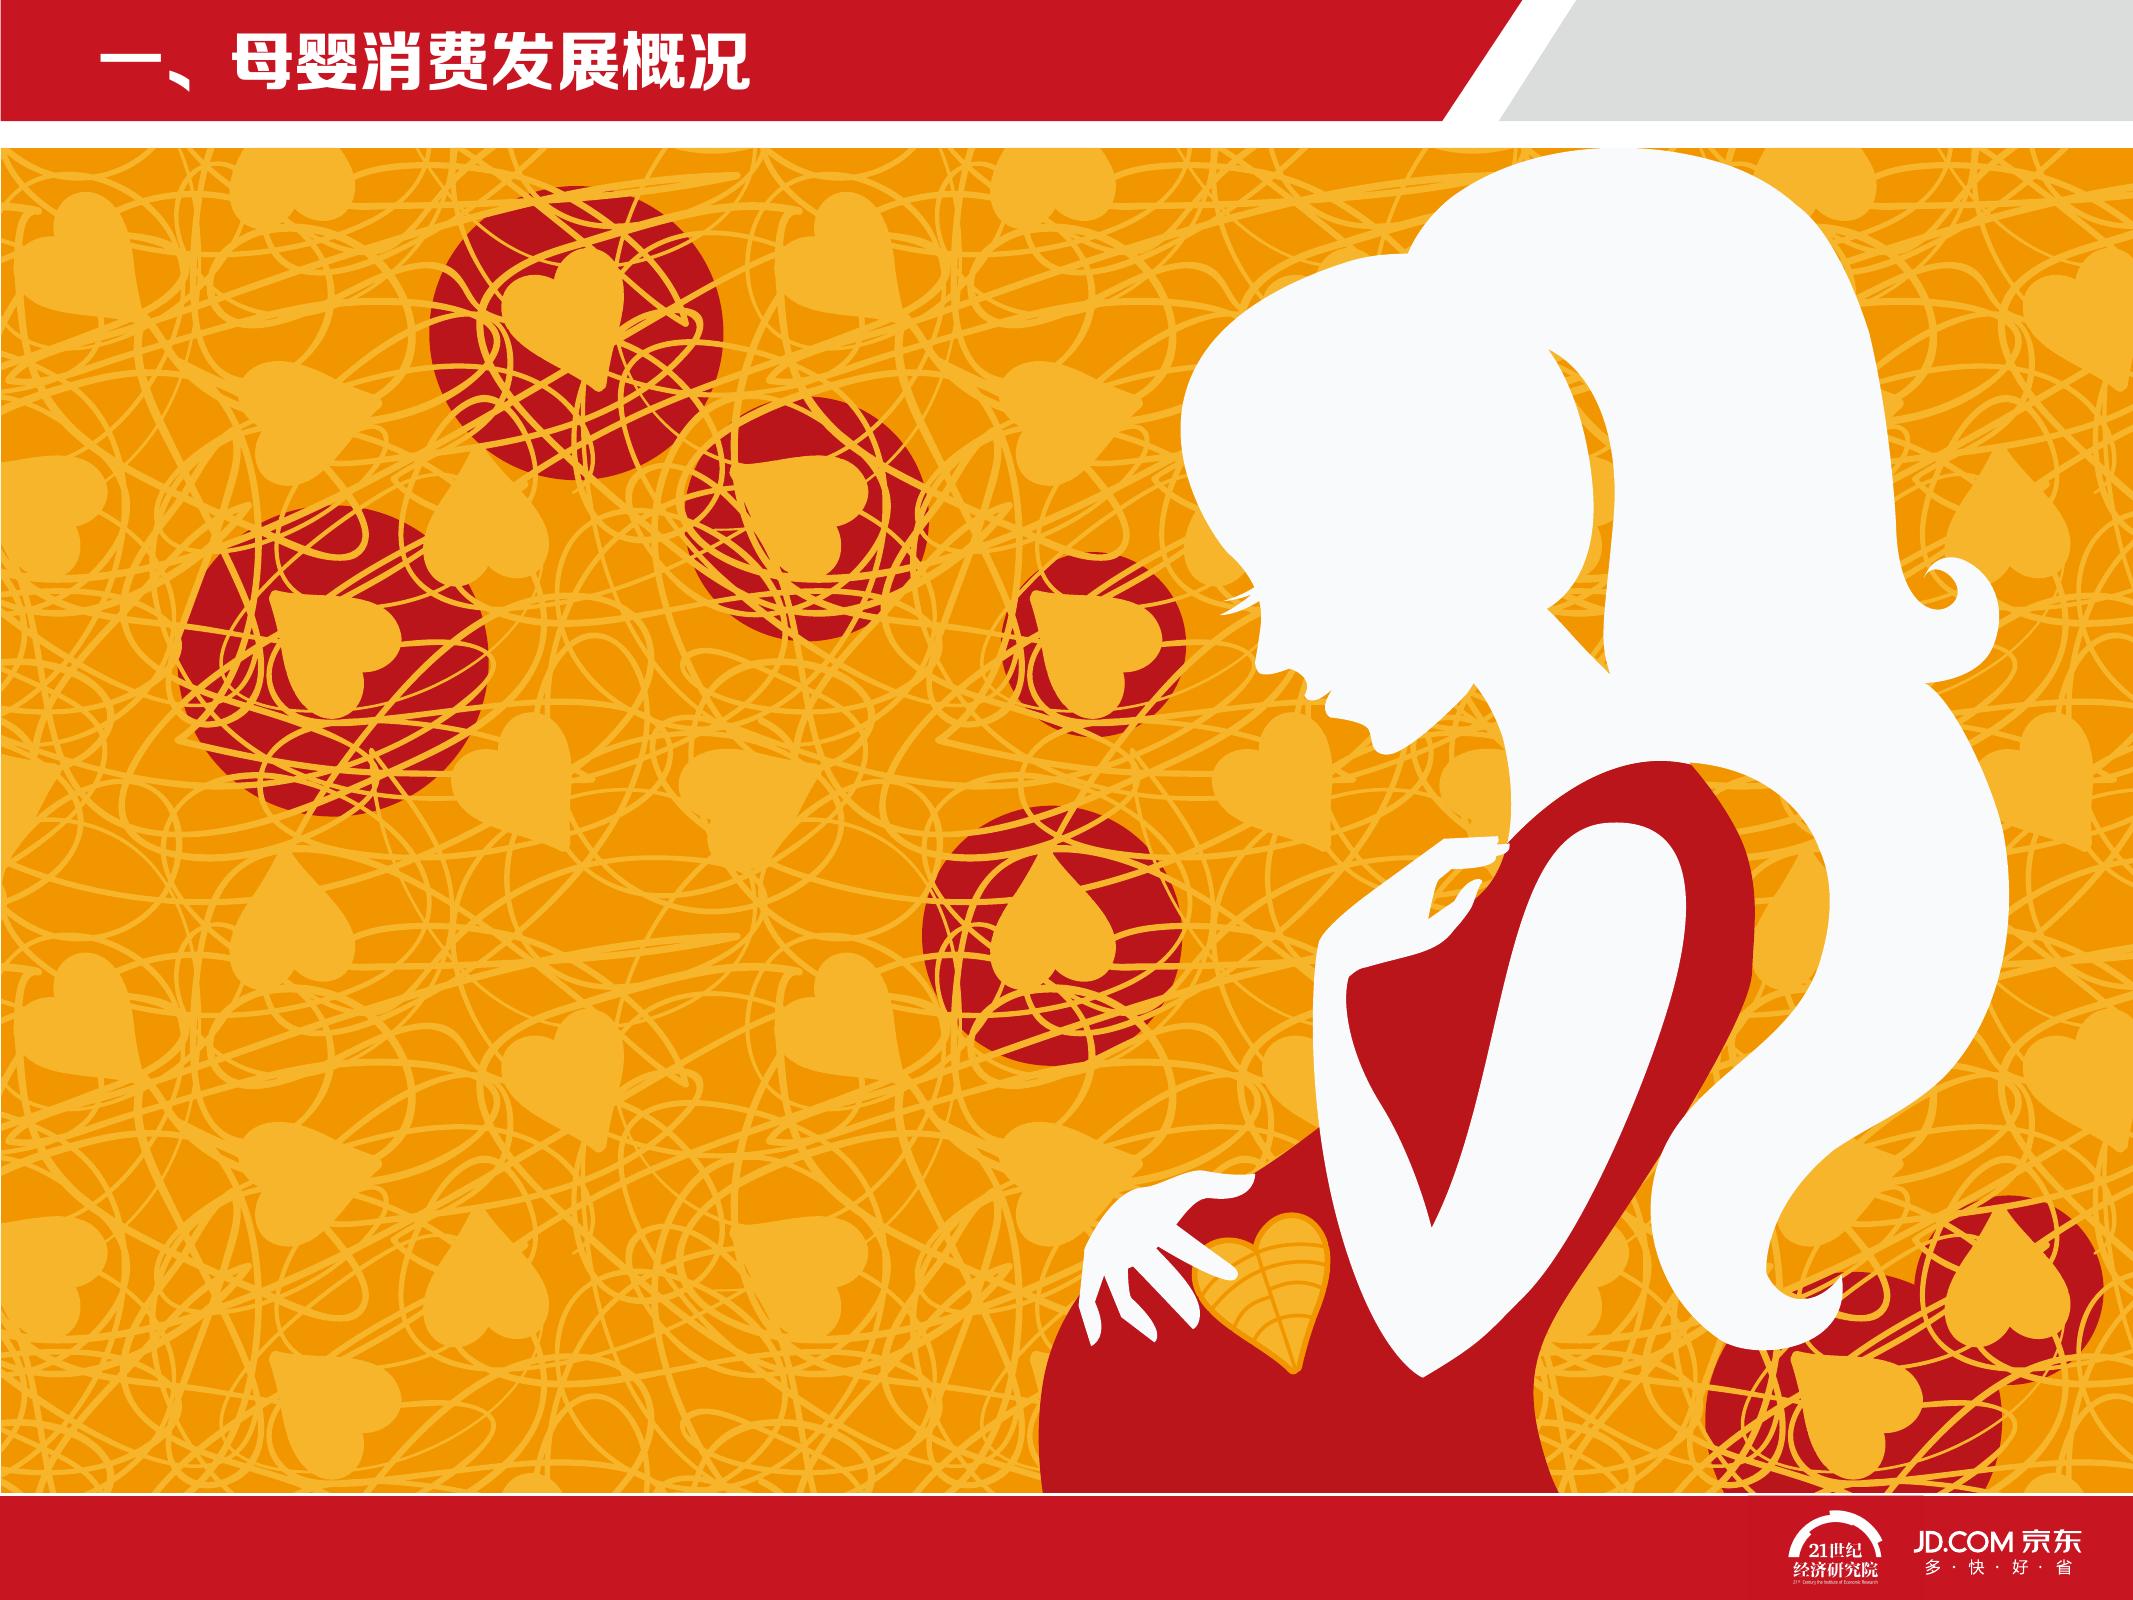 2016中国母婴产品消费趋势报告_000004